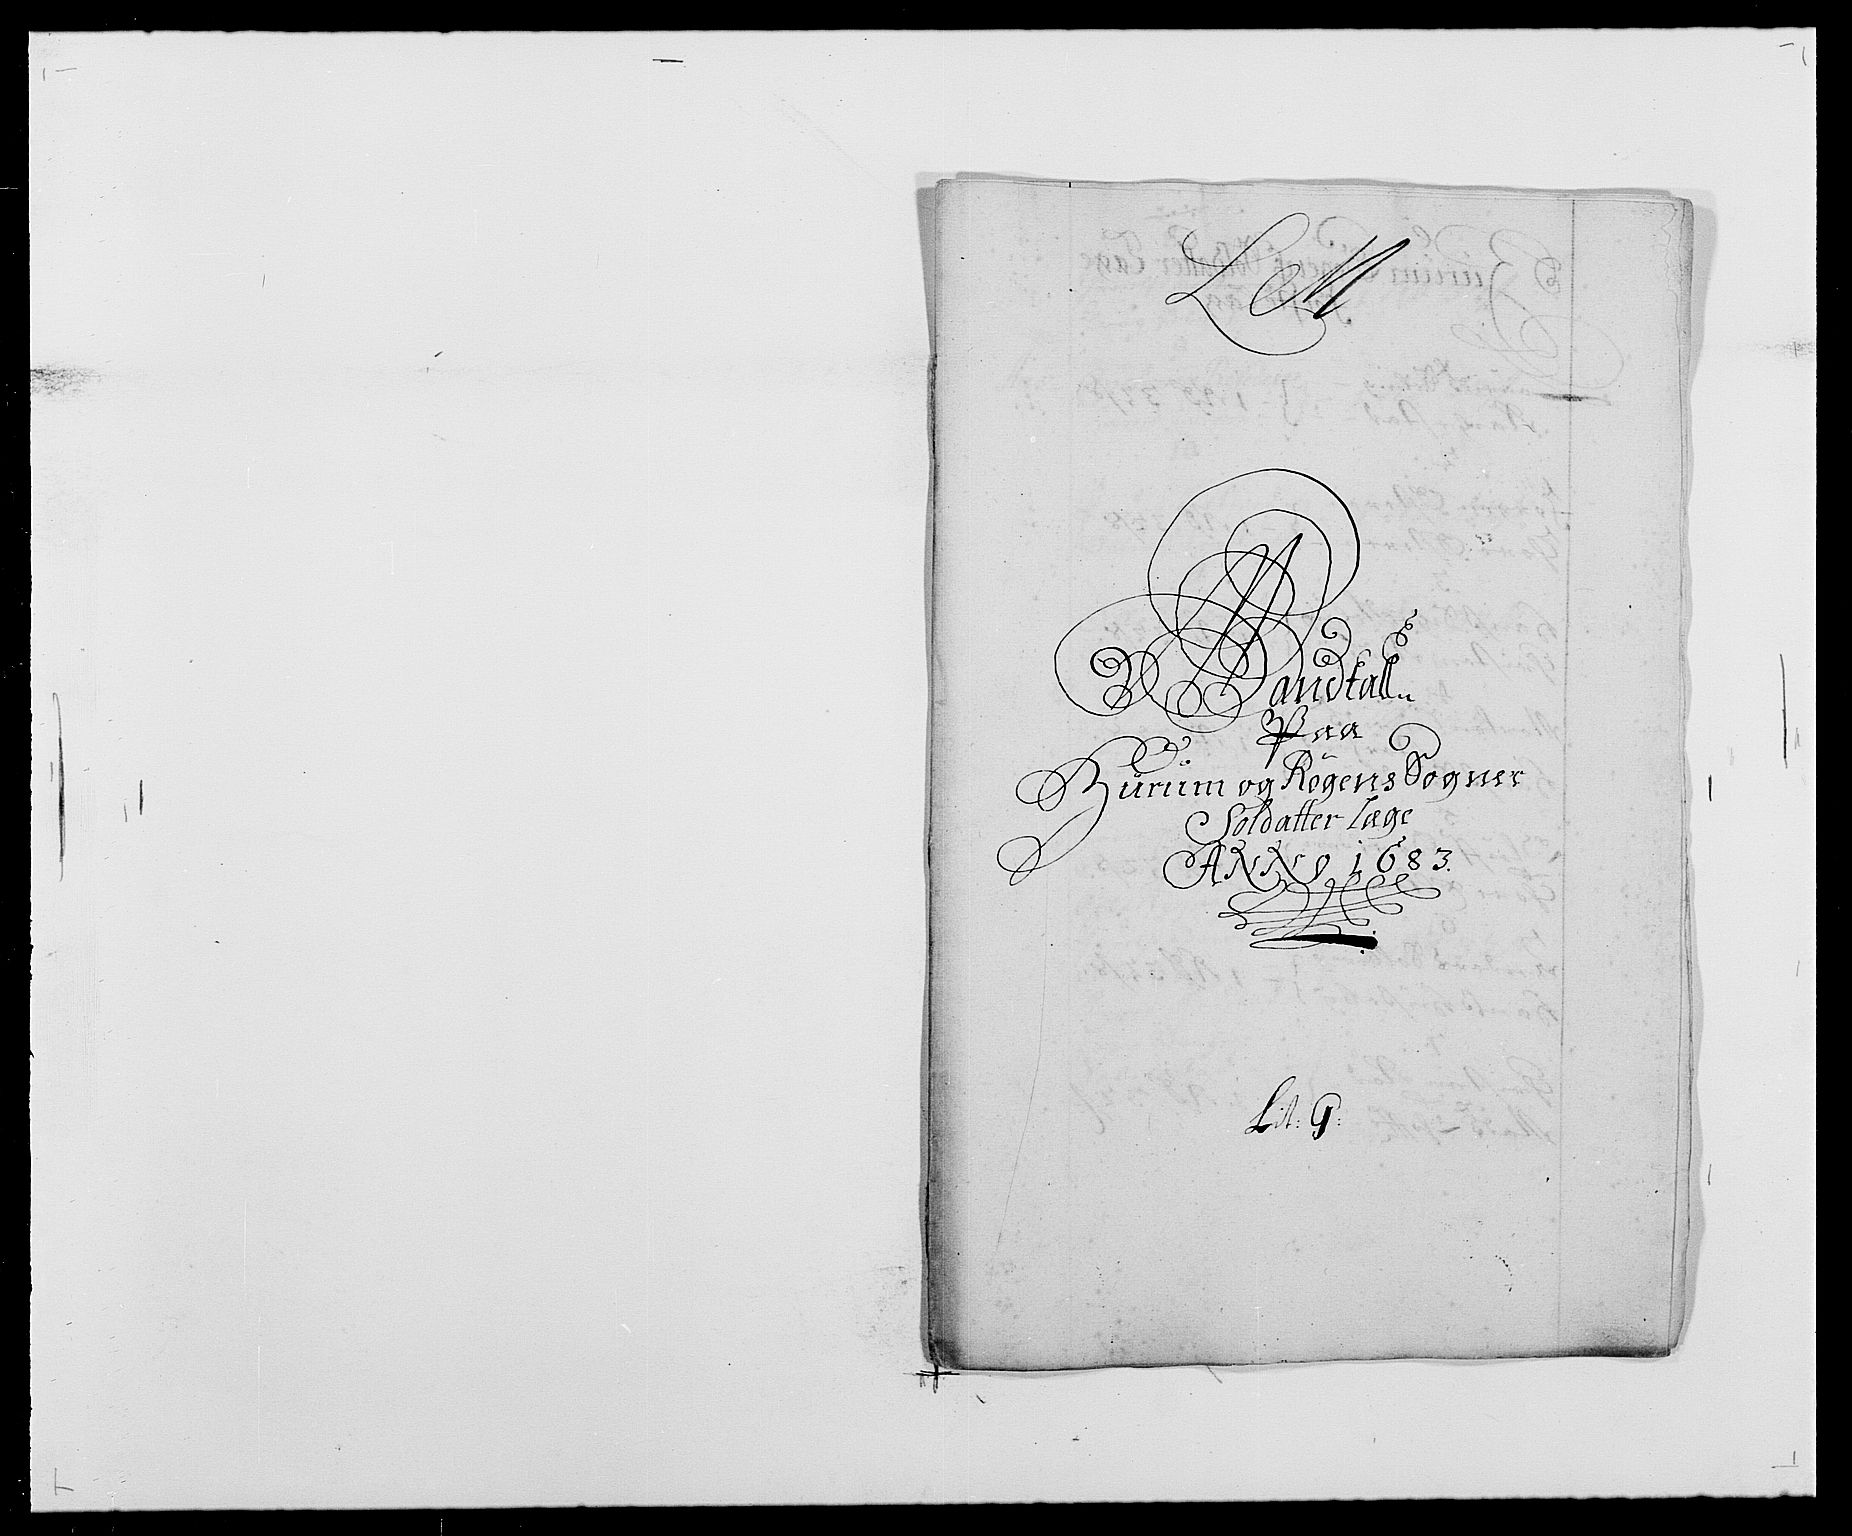 RA, Rentekammeret inntil 1814, Reviderte regnskaper, Fogderegnskap, R29/L1692: Fogderegnskap Hurum og Røyken, 1682-1687, s. 150